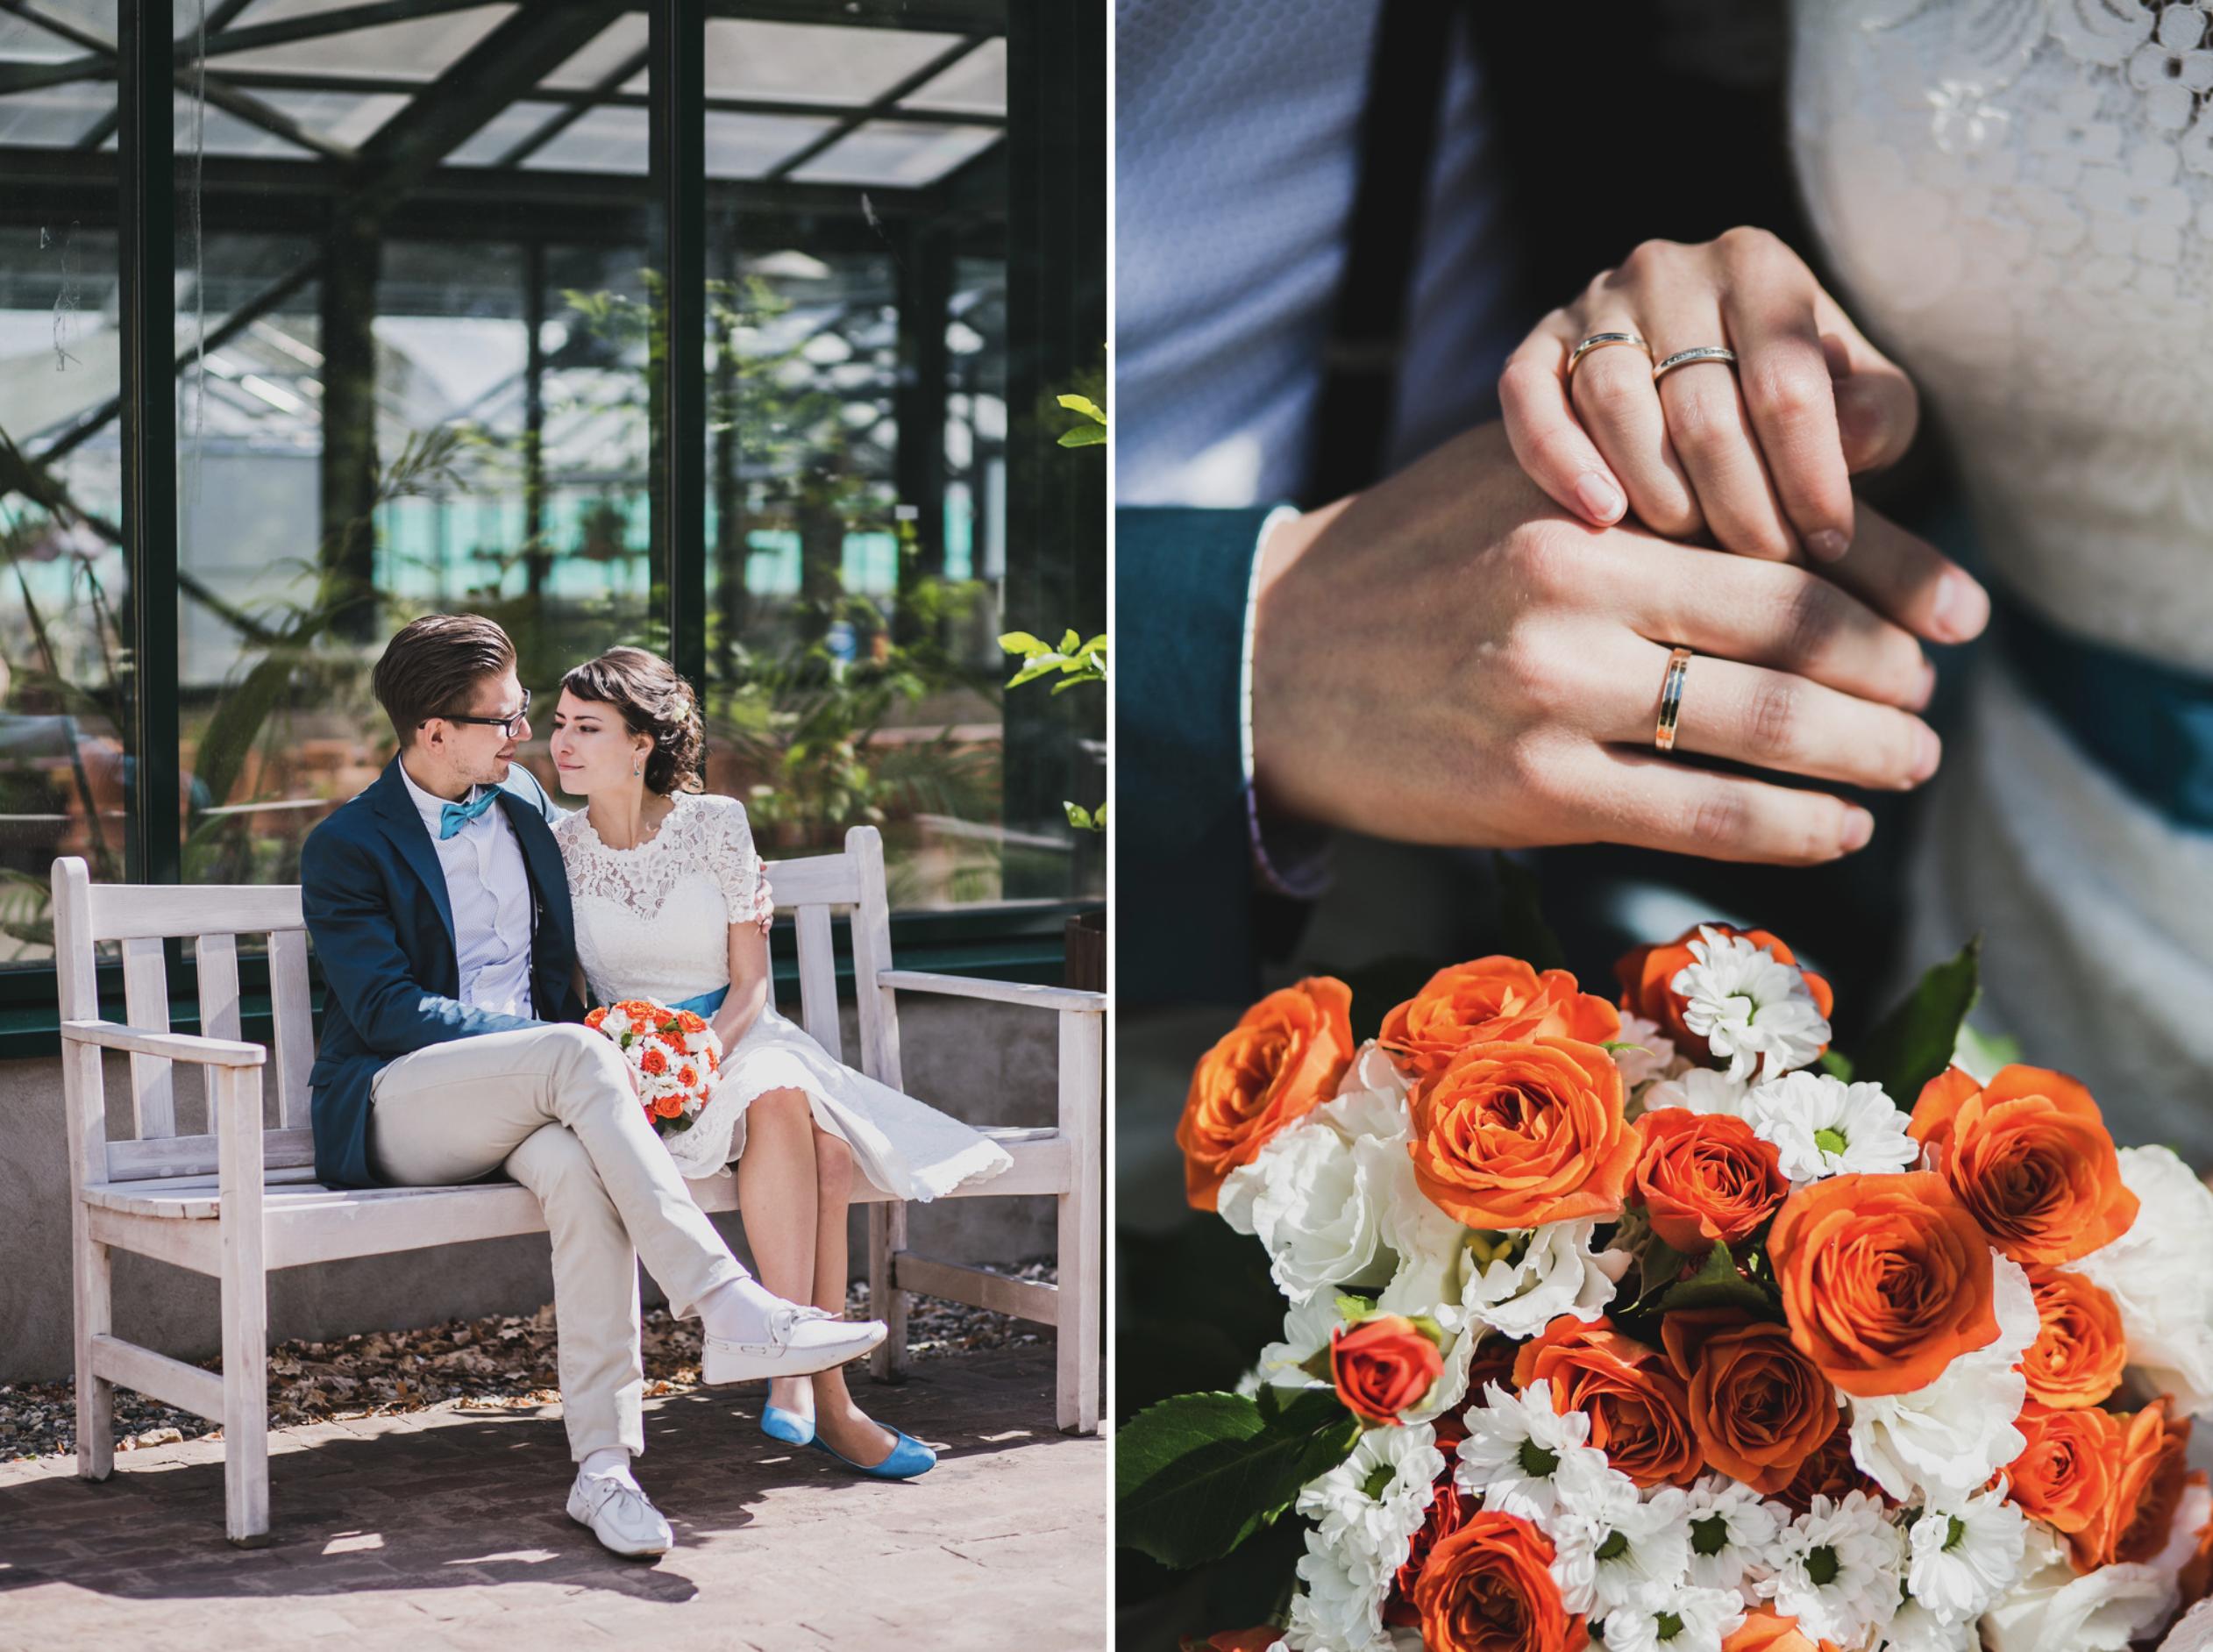 Интересные фотографии со свадьбы